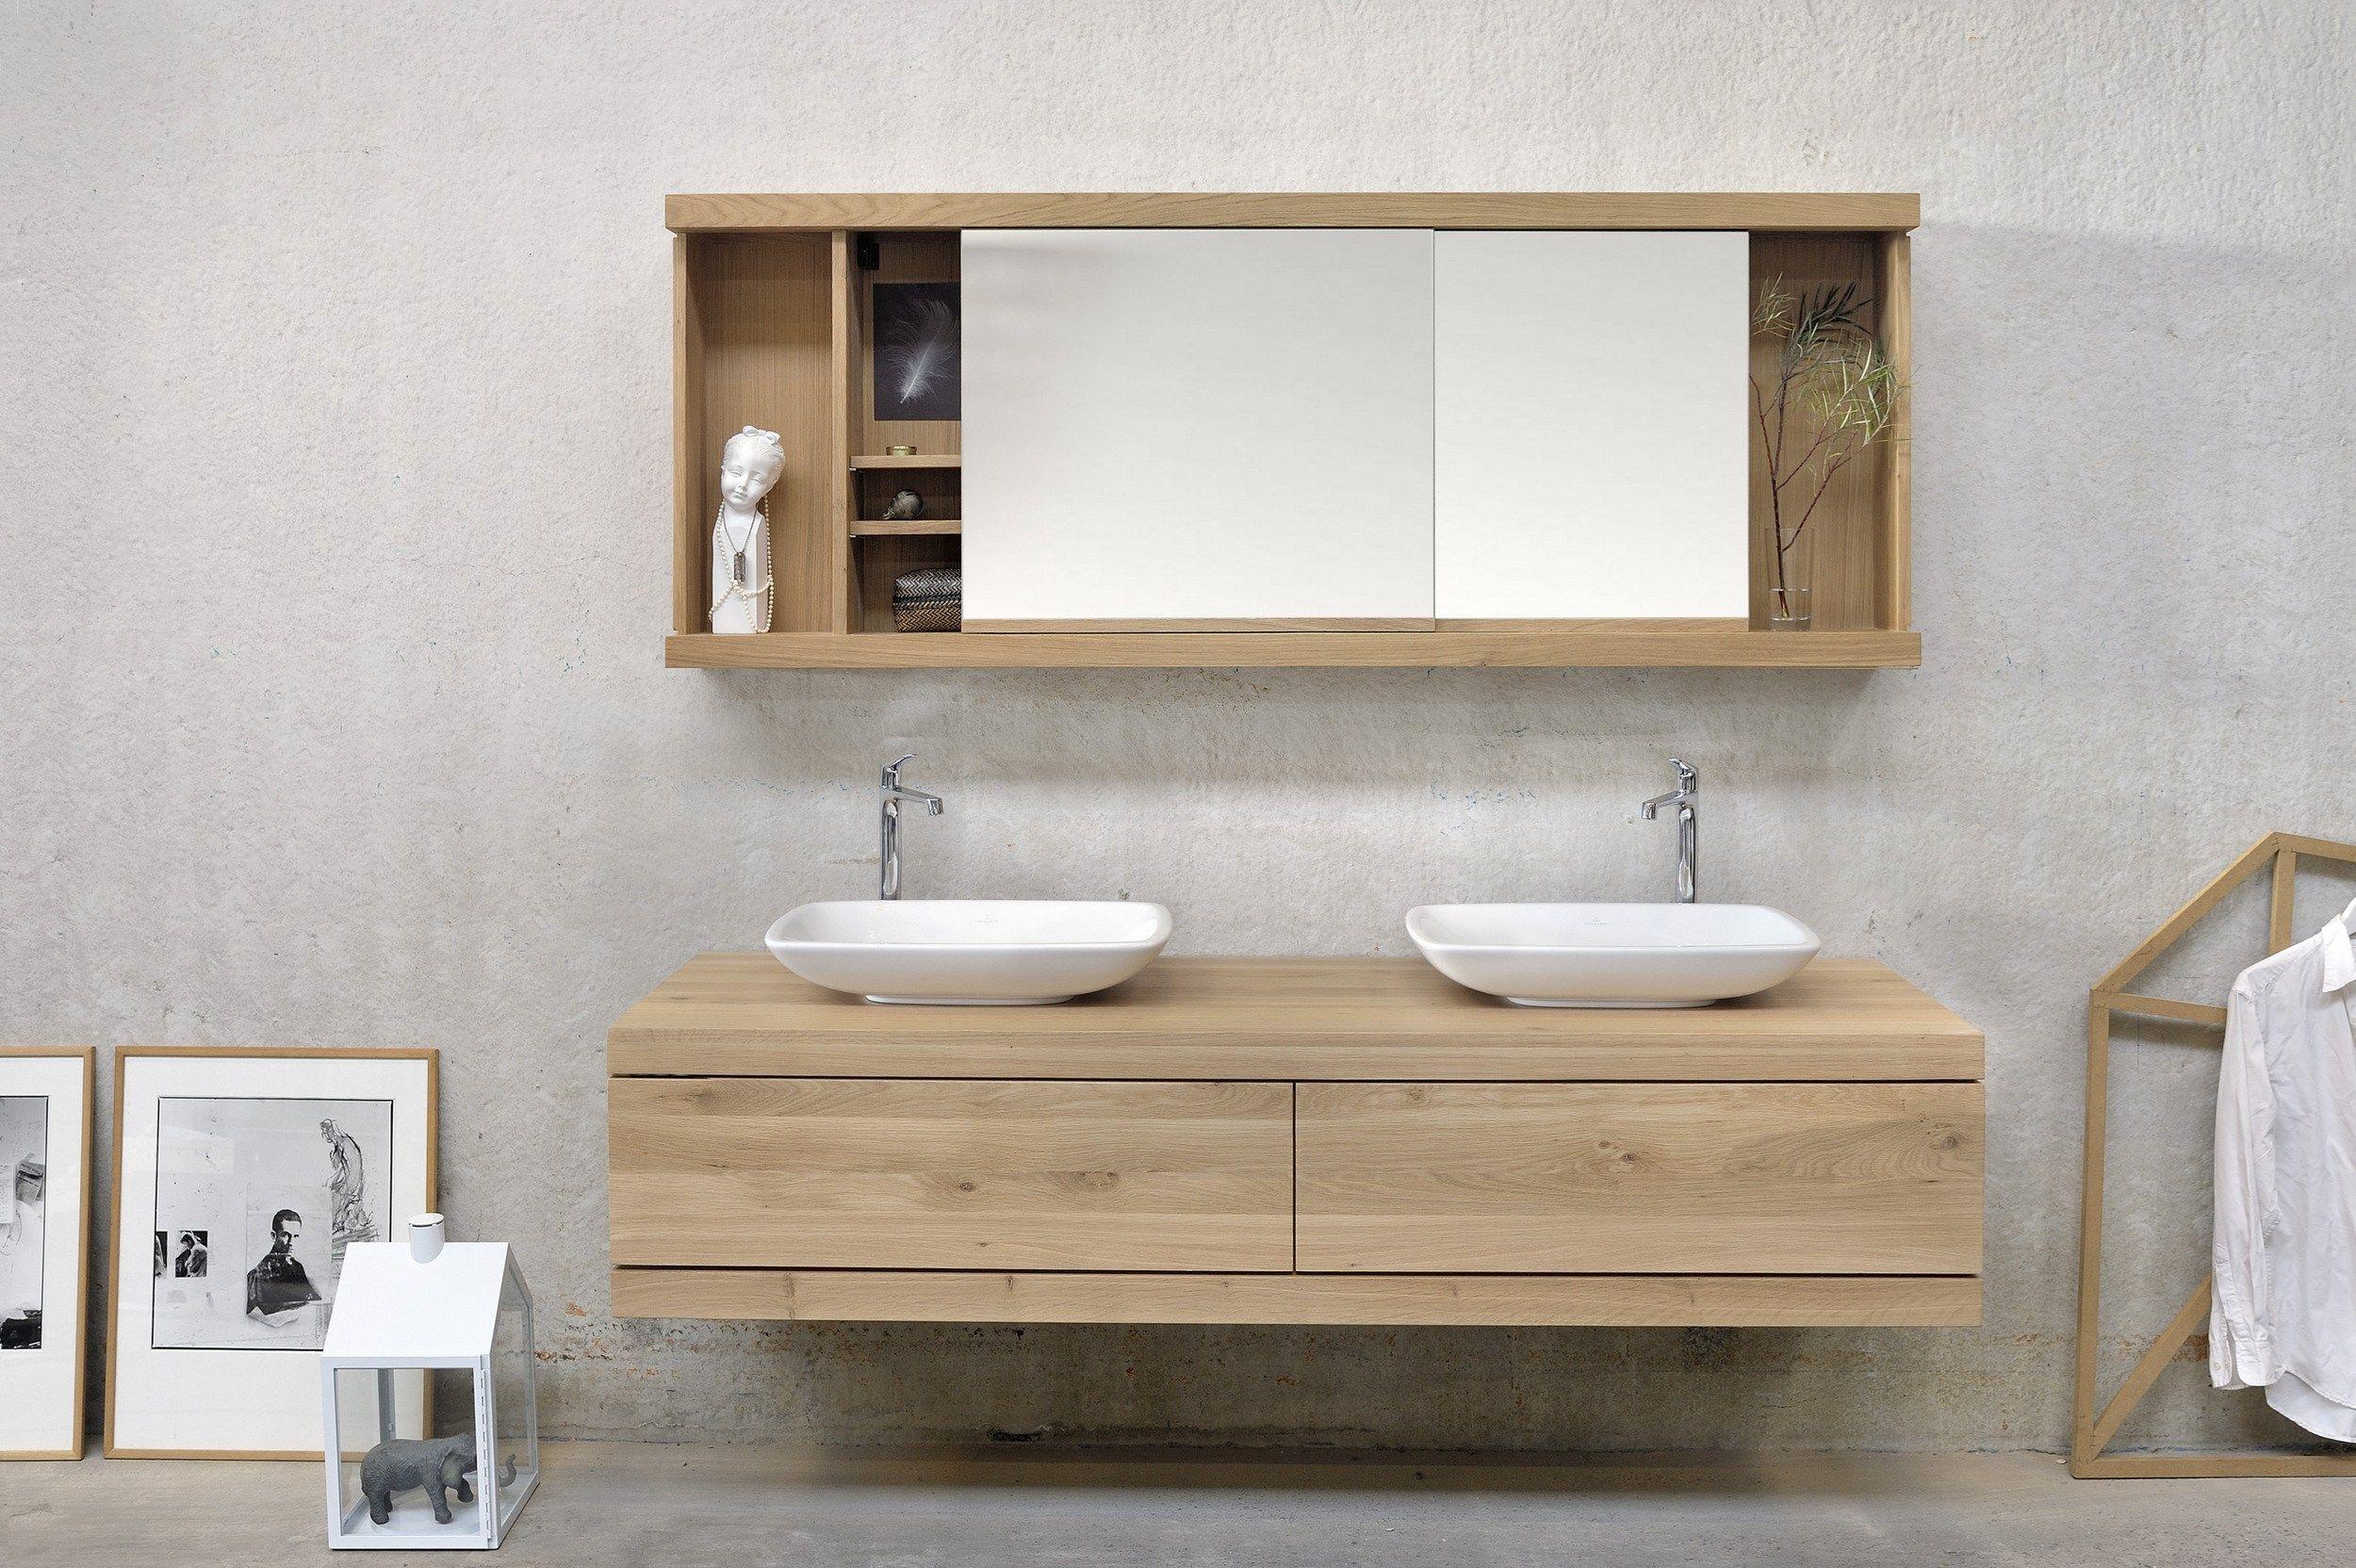 Oak cadence miroir avec rangement by ethnicraft - Miroir suspendu salle de bain ...